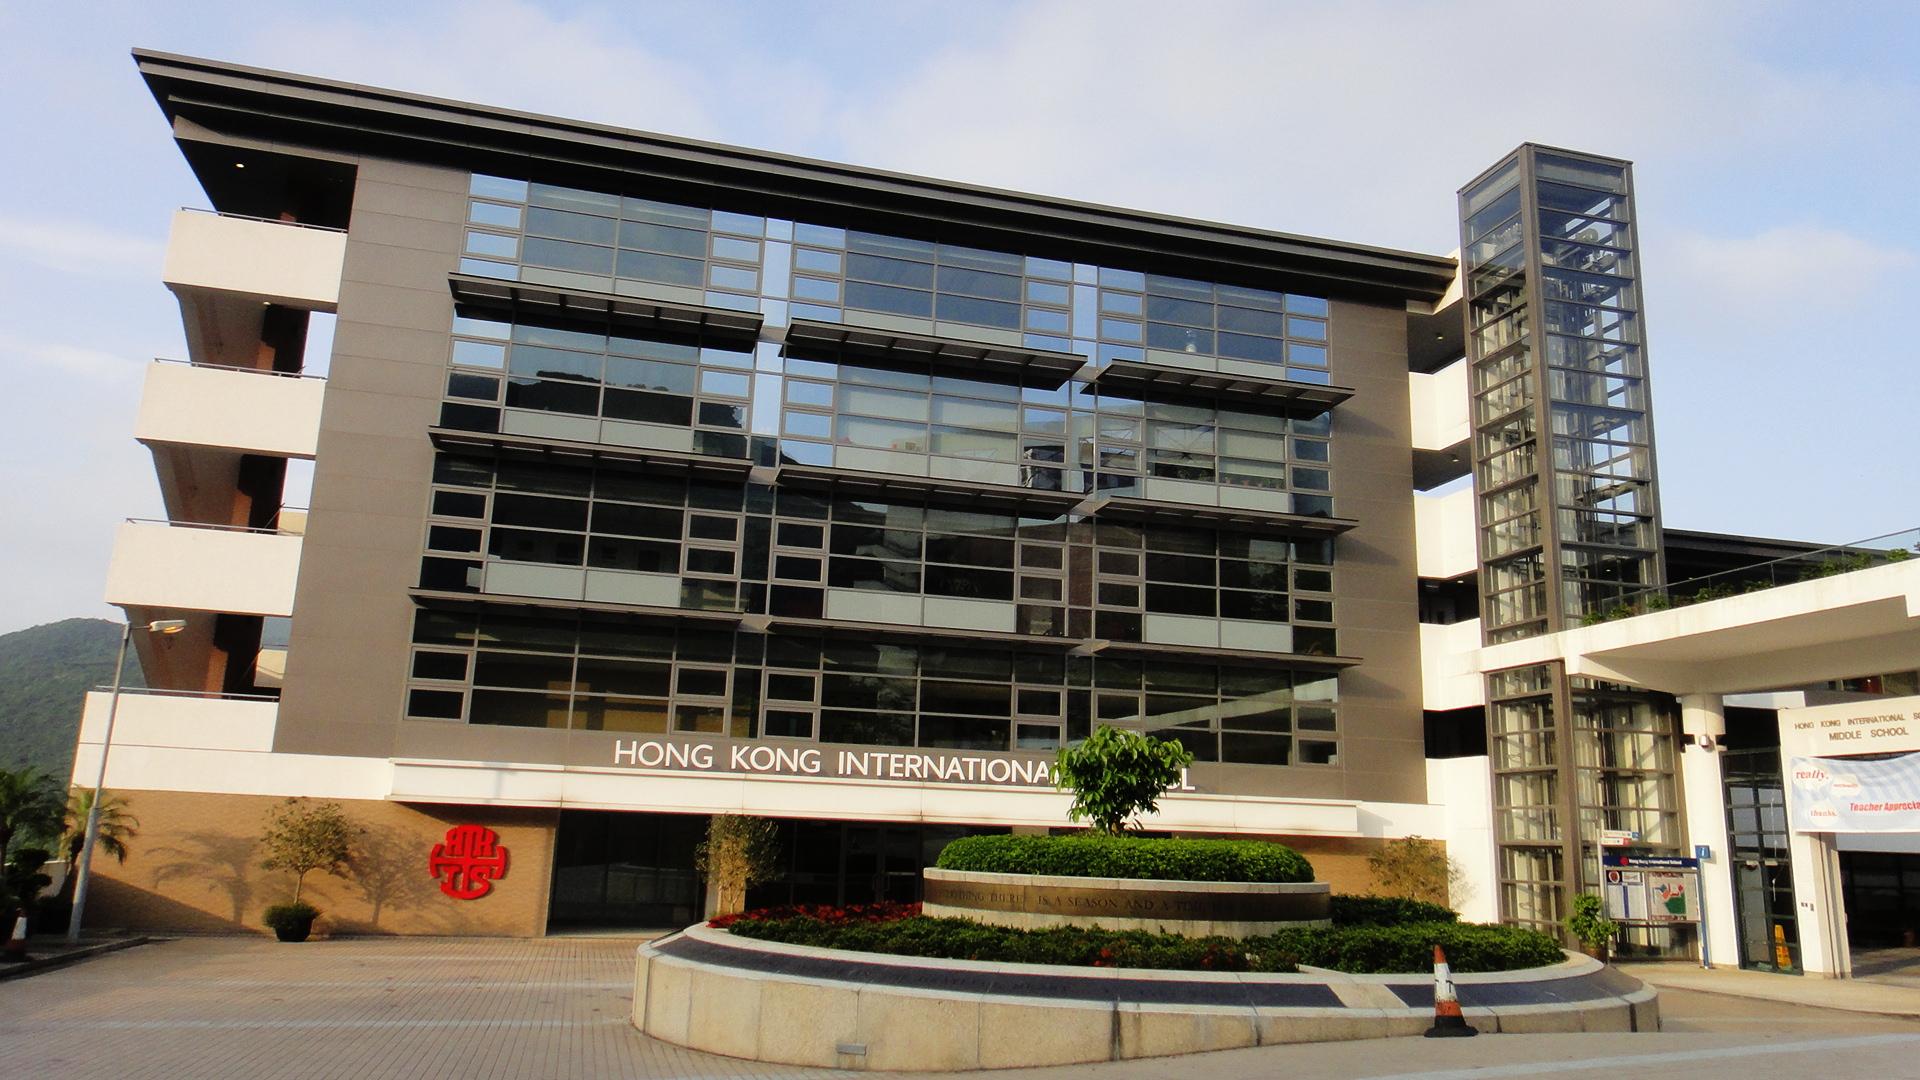 5 Standout Hong Kong International Schools